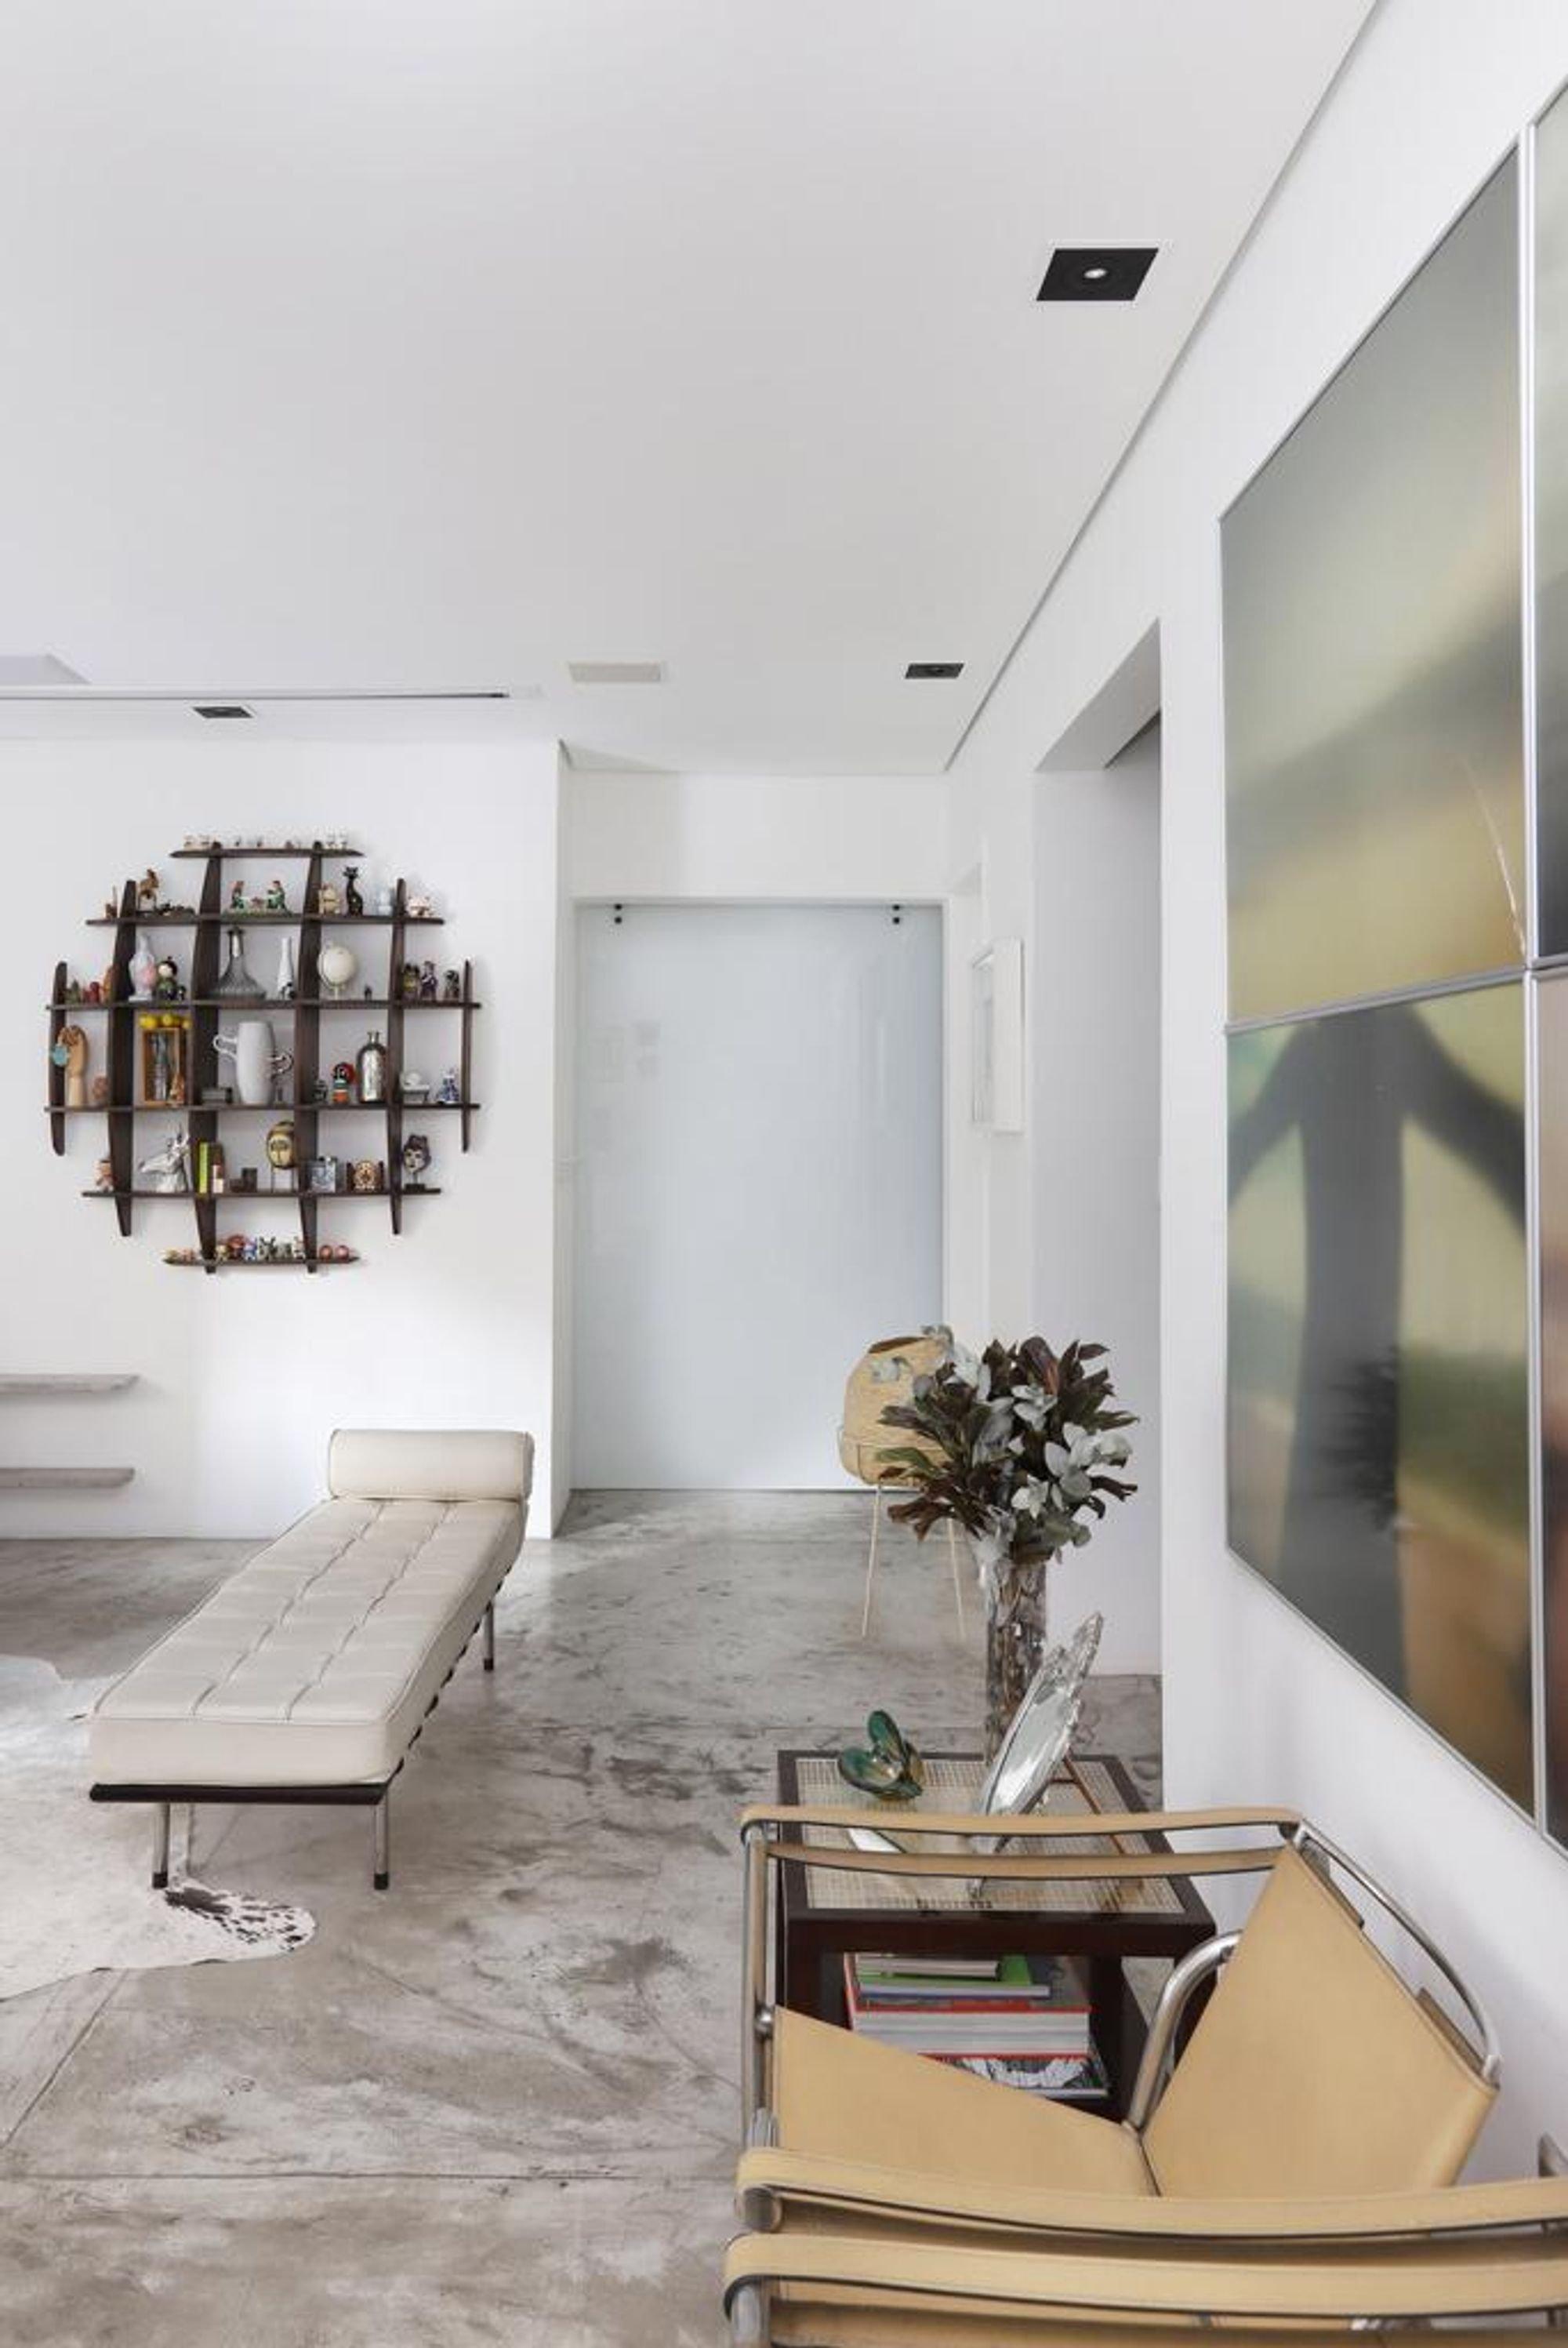 Foto de Sala com banco, vaso, cadeira